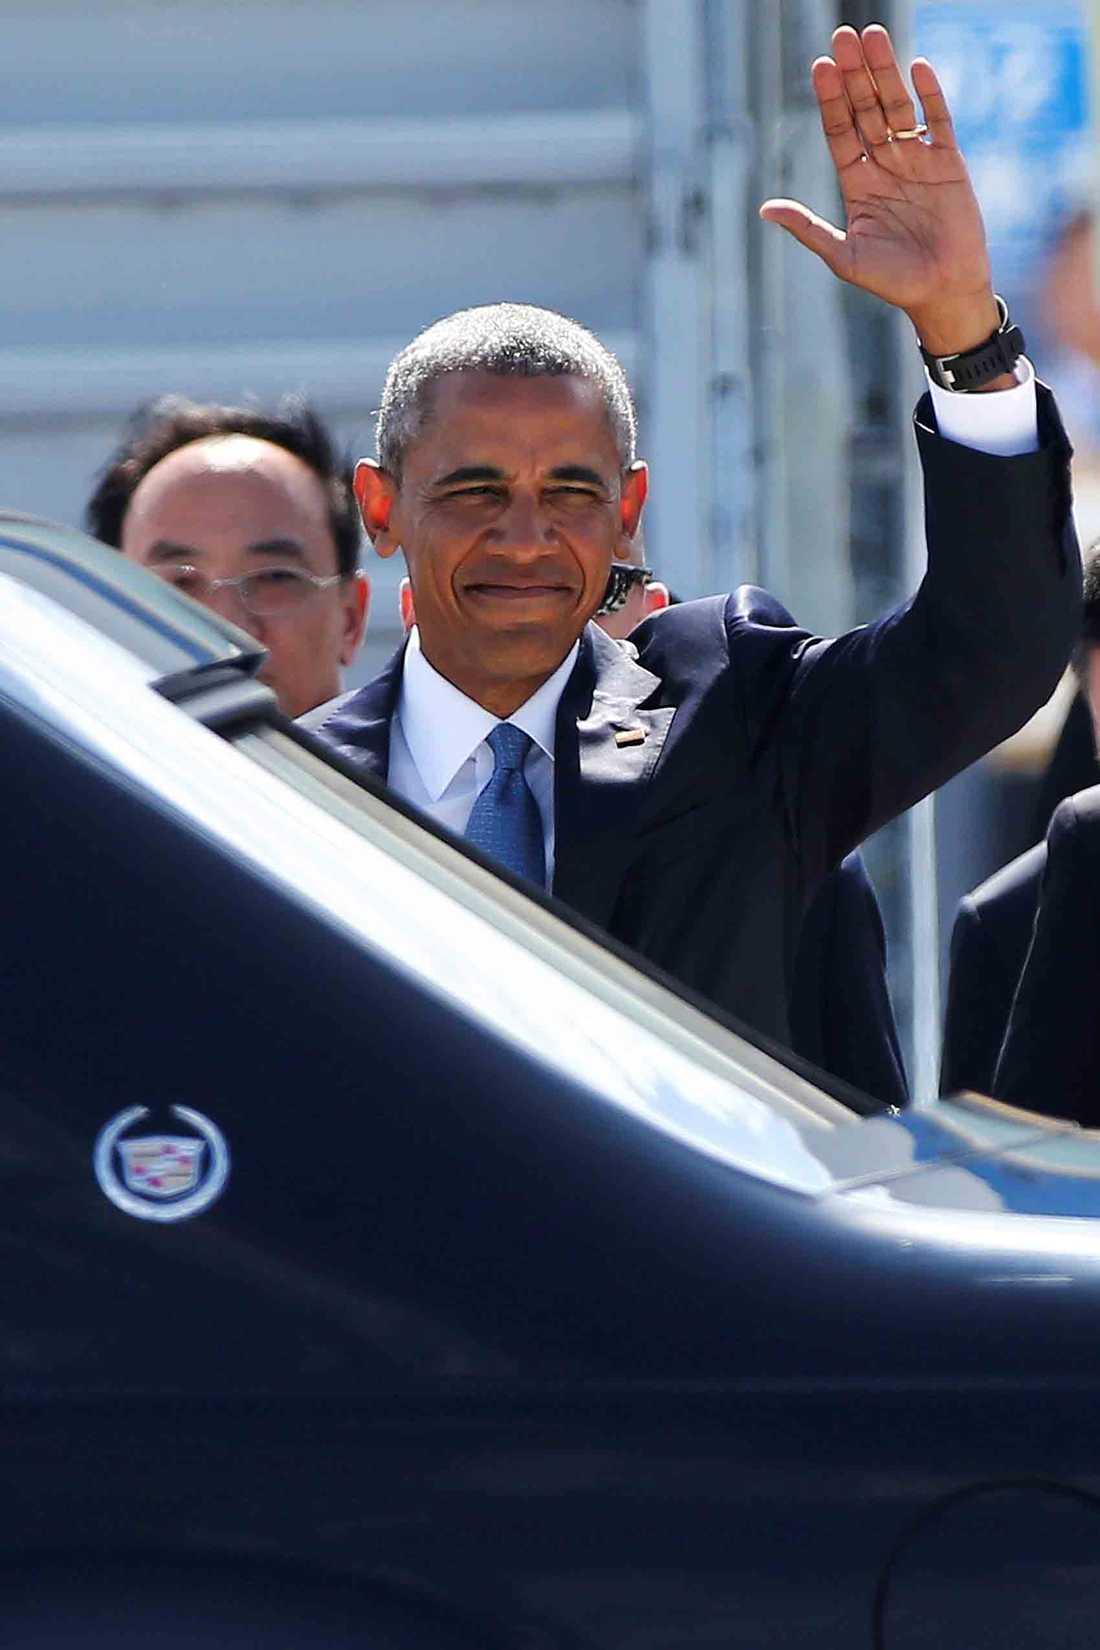 Obama anländer till Kina för G20-toppmötet.